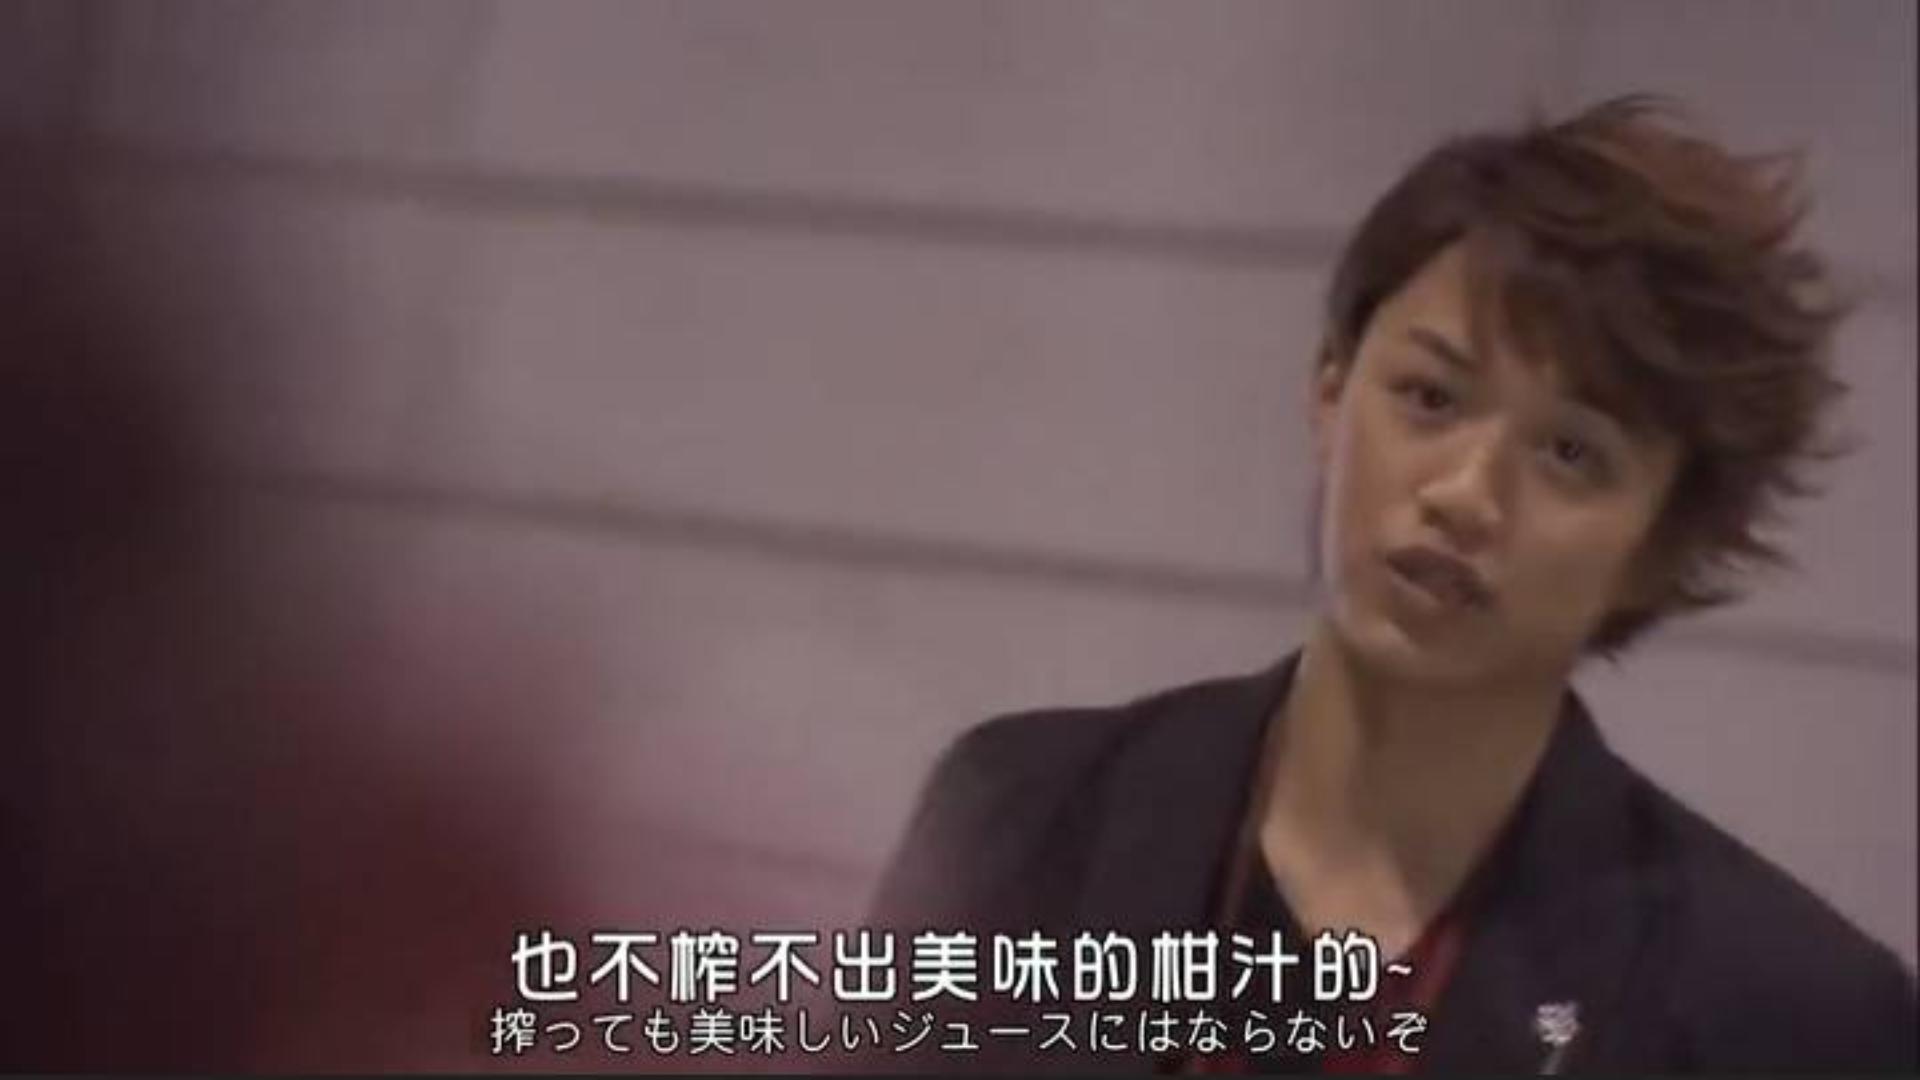 【一次性看爽】假面骑士decadeTV全骑士变身合集